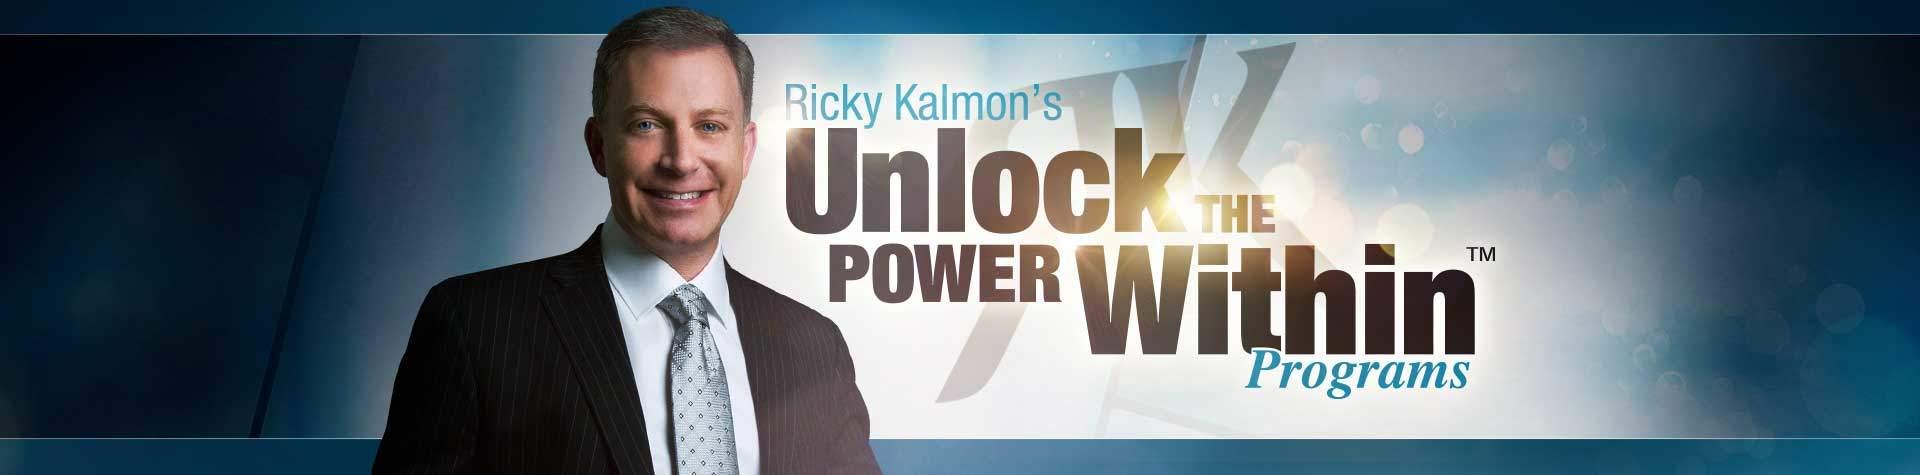 Ricky Kalmon Motivational Speaker